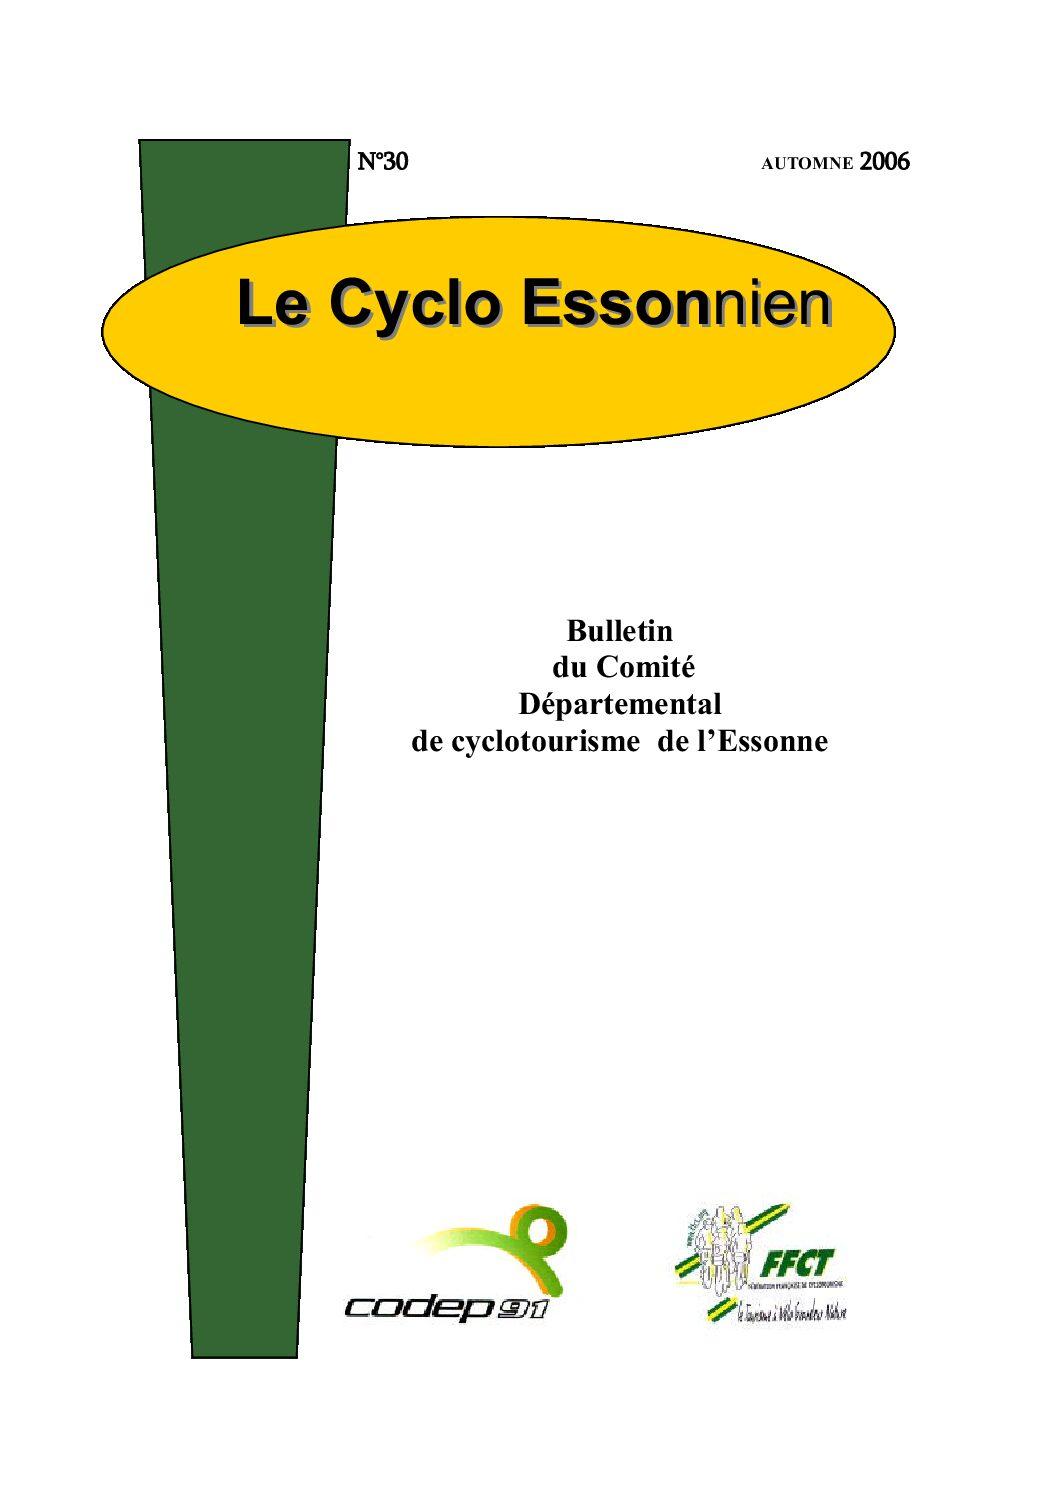 Le Cyclo Essonnien n°30